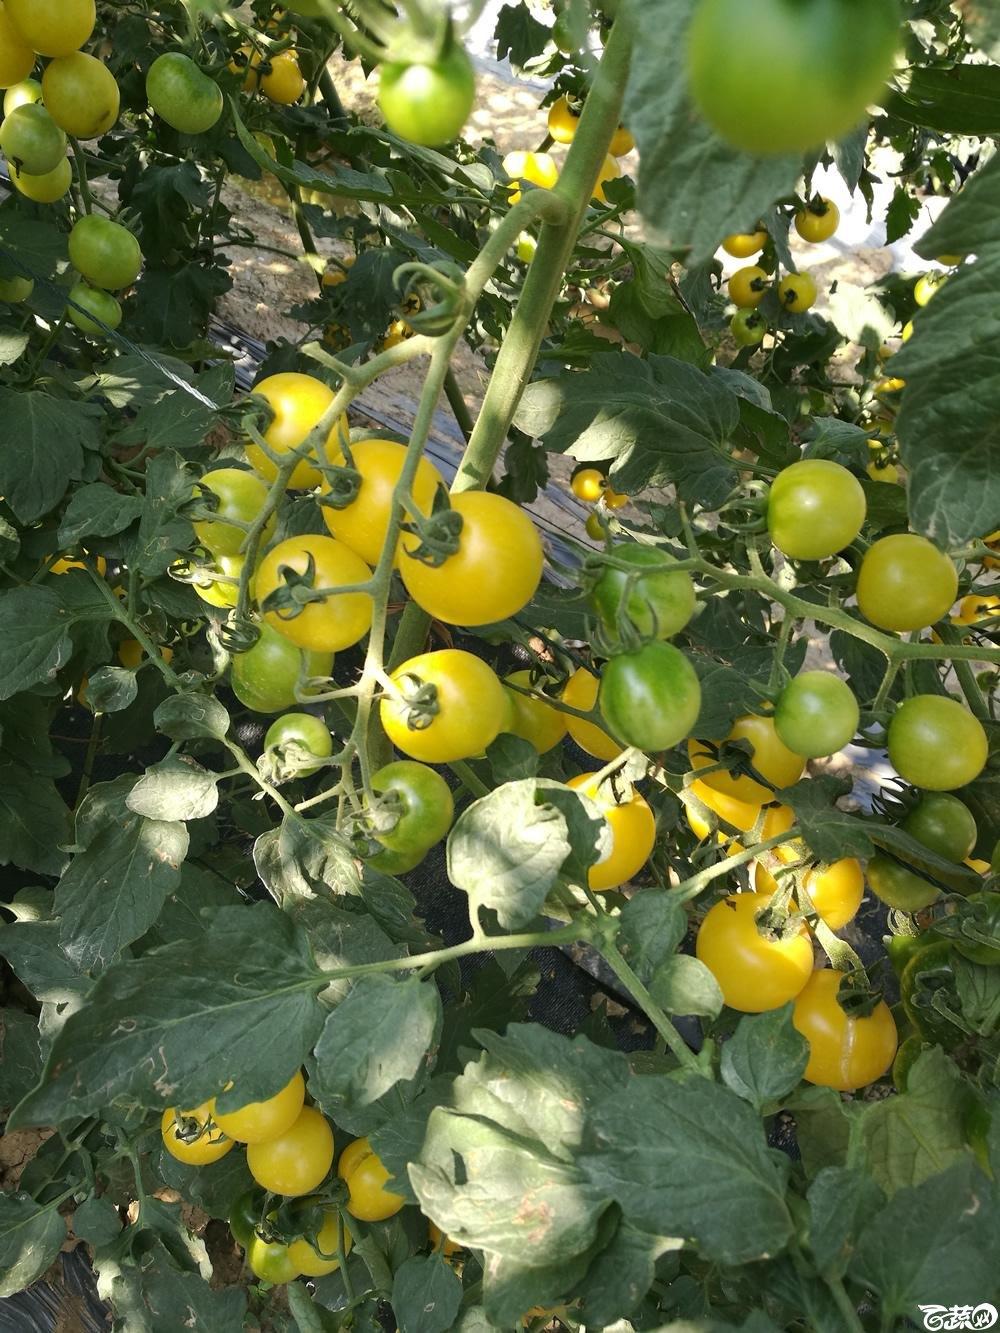 第十二届广州蔬菜展示会专家重点推荐品种,广州市农科院黄樱一号_003.jpg